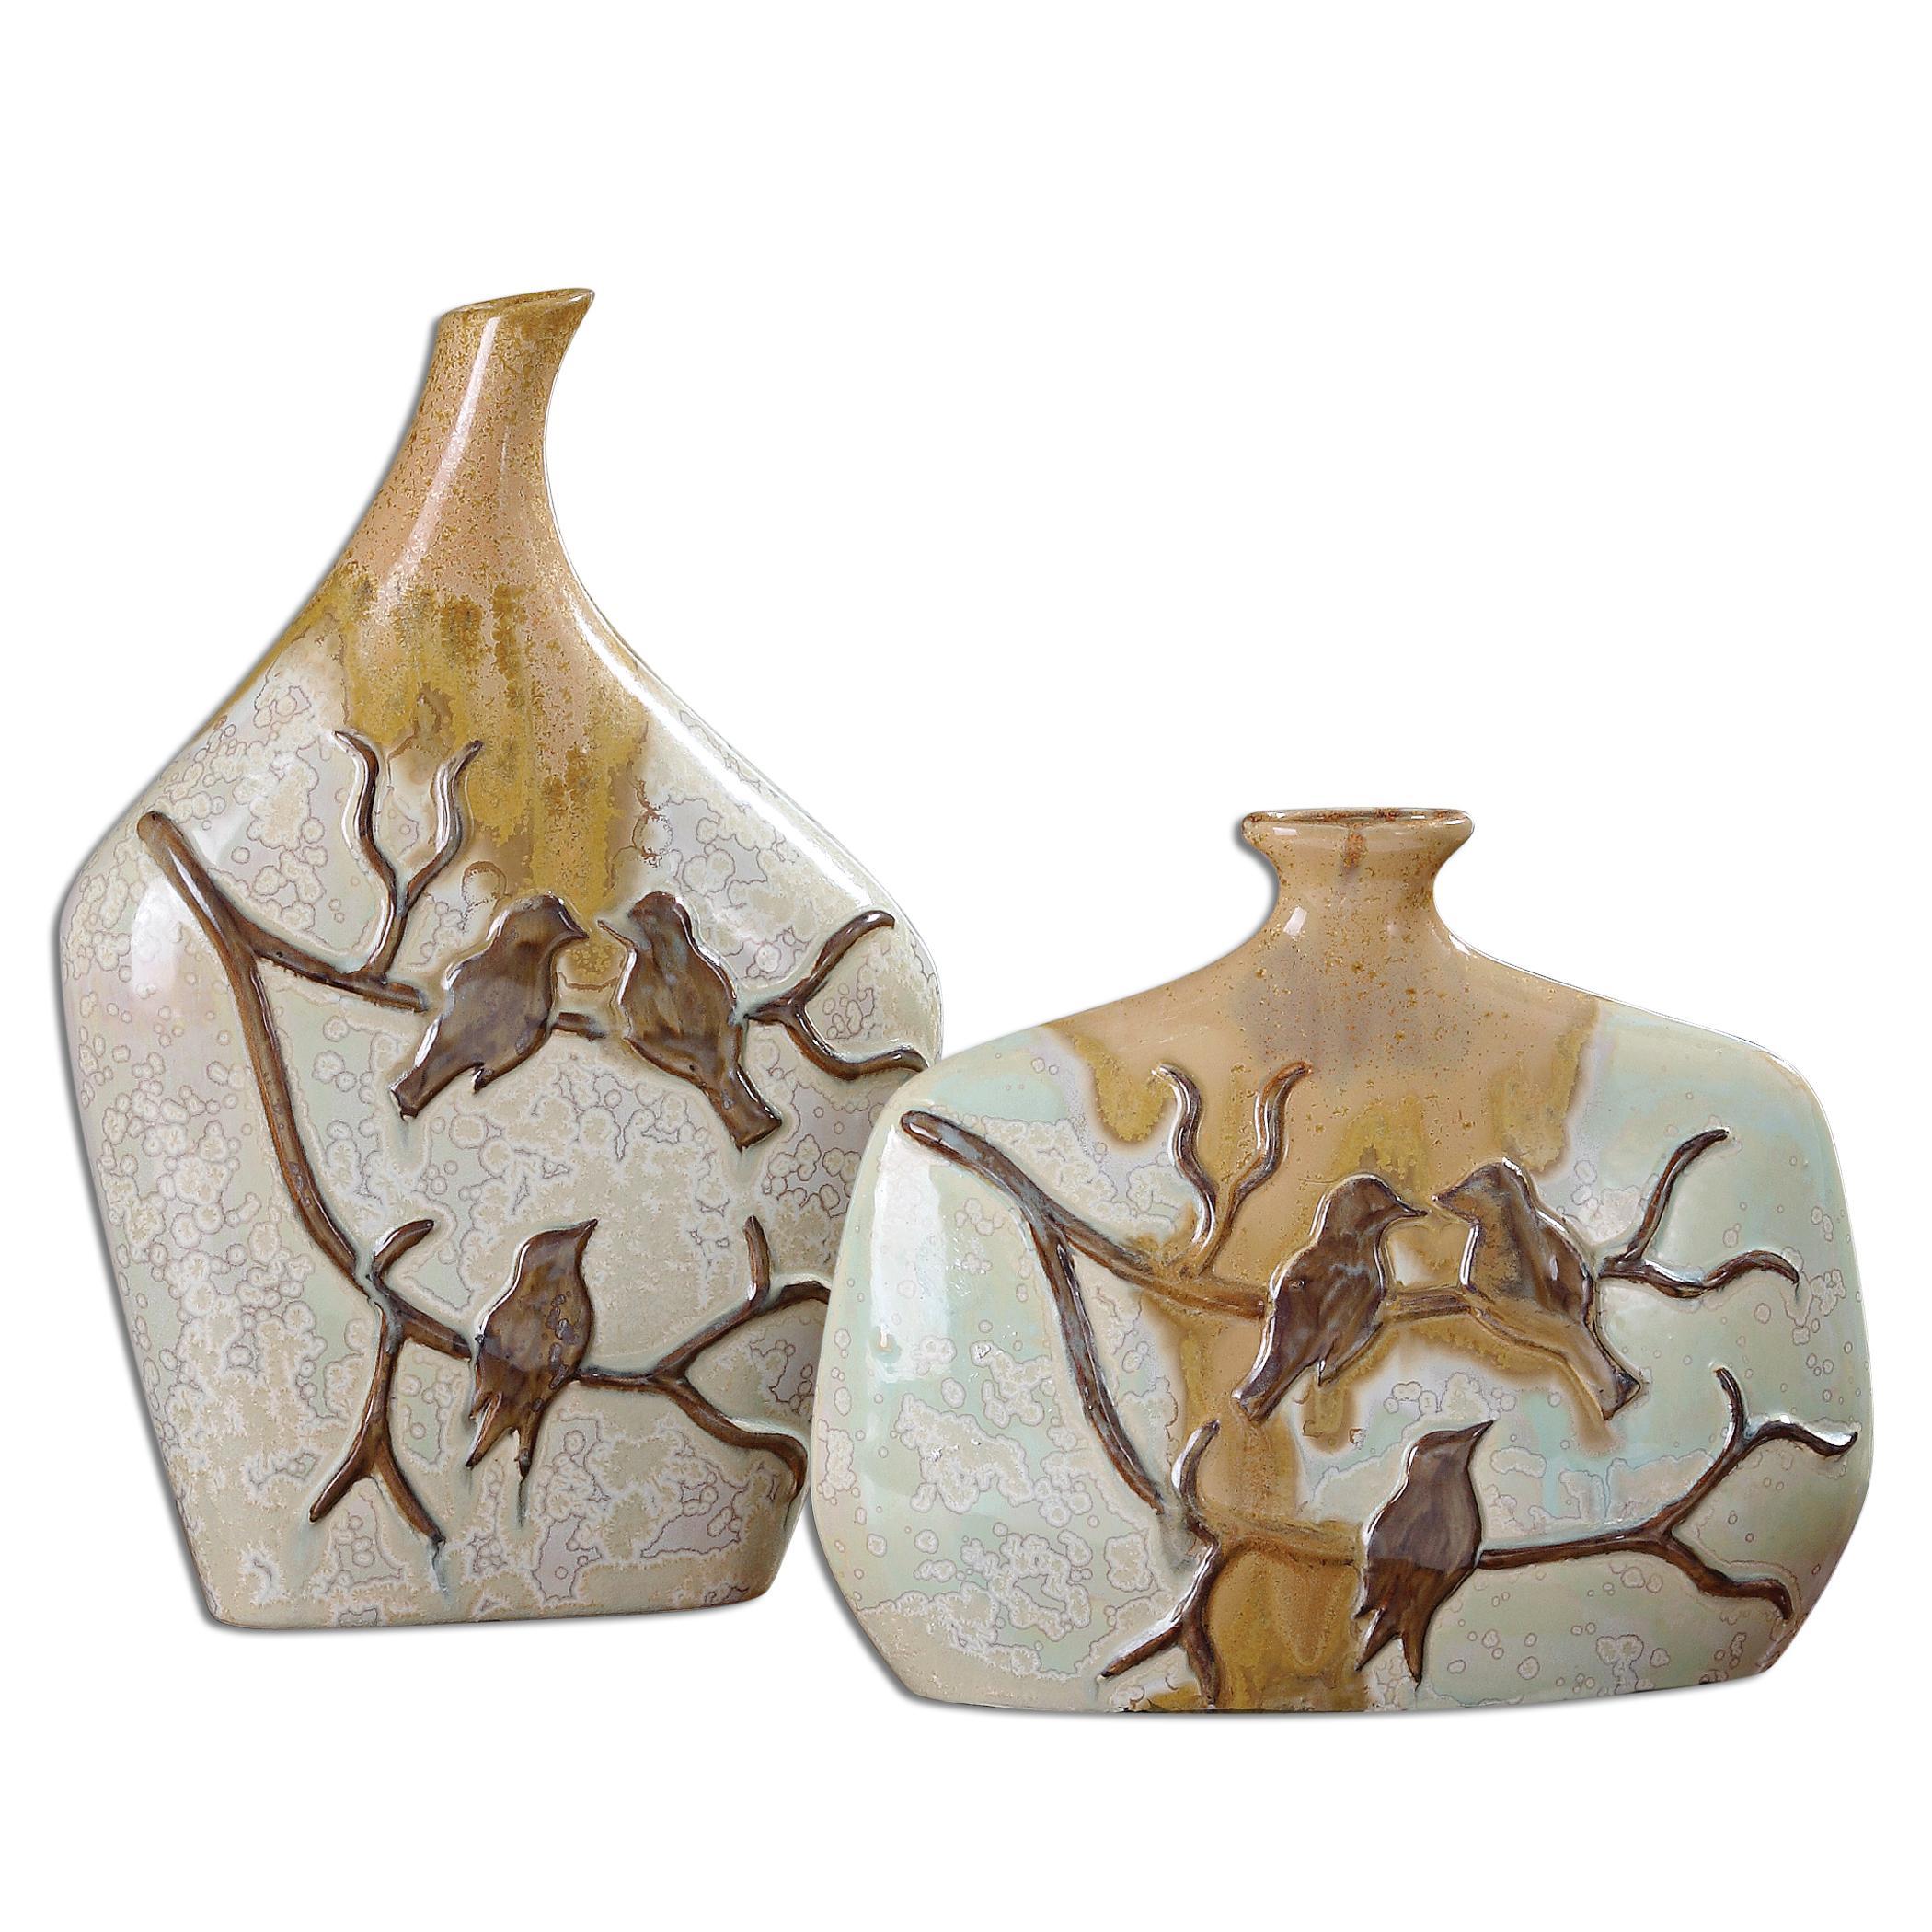 Uttermost Accessories Pajaro Ceramic Vases, Set of  2 - Item Number: 19843